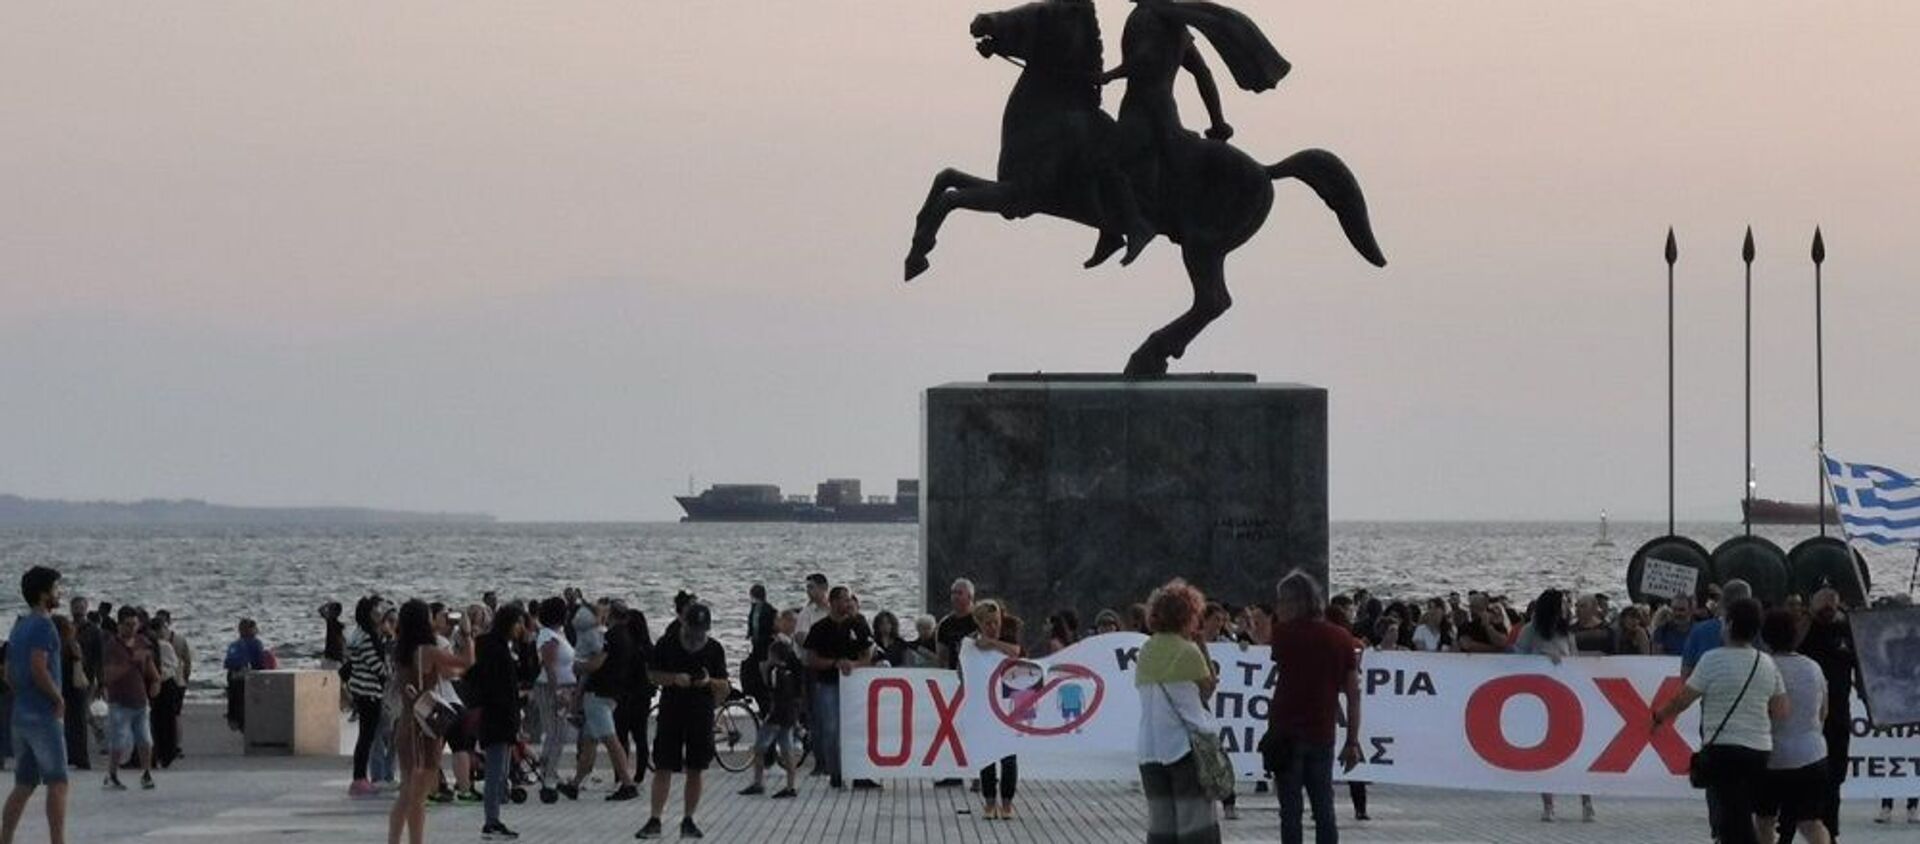 Συγκέντρωση στη Θεσσαλονίκη με κεντρικό σύνθημα «Όχι στα υποχρεωτικά εμβόλια, σε μάσκες και σε τεστ» - Sputnik Ελλάδα, 1920, 01.11.2020